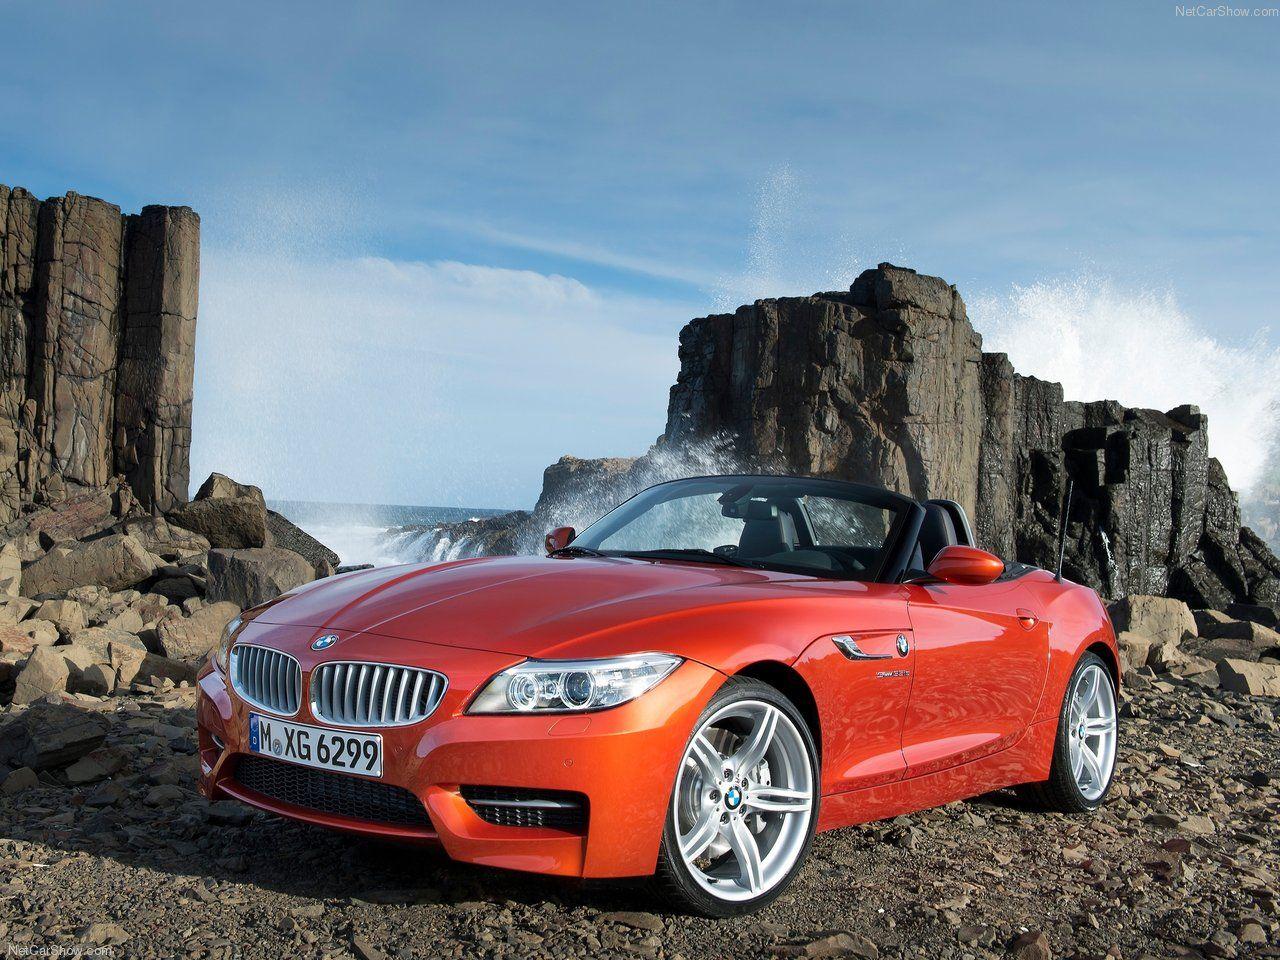 BMW Z4 Roadster 2014 Carshow Bmw 2014Bmw SportCar WallpapersHd